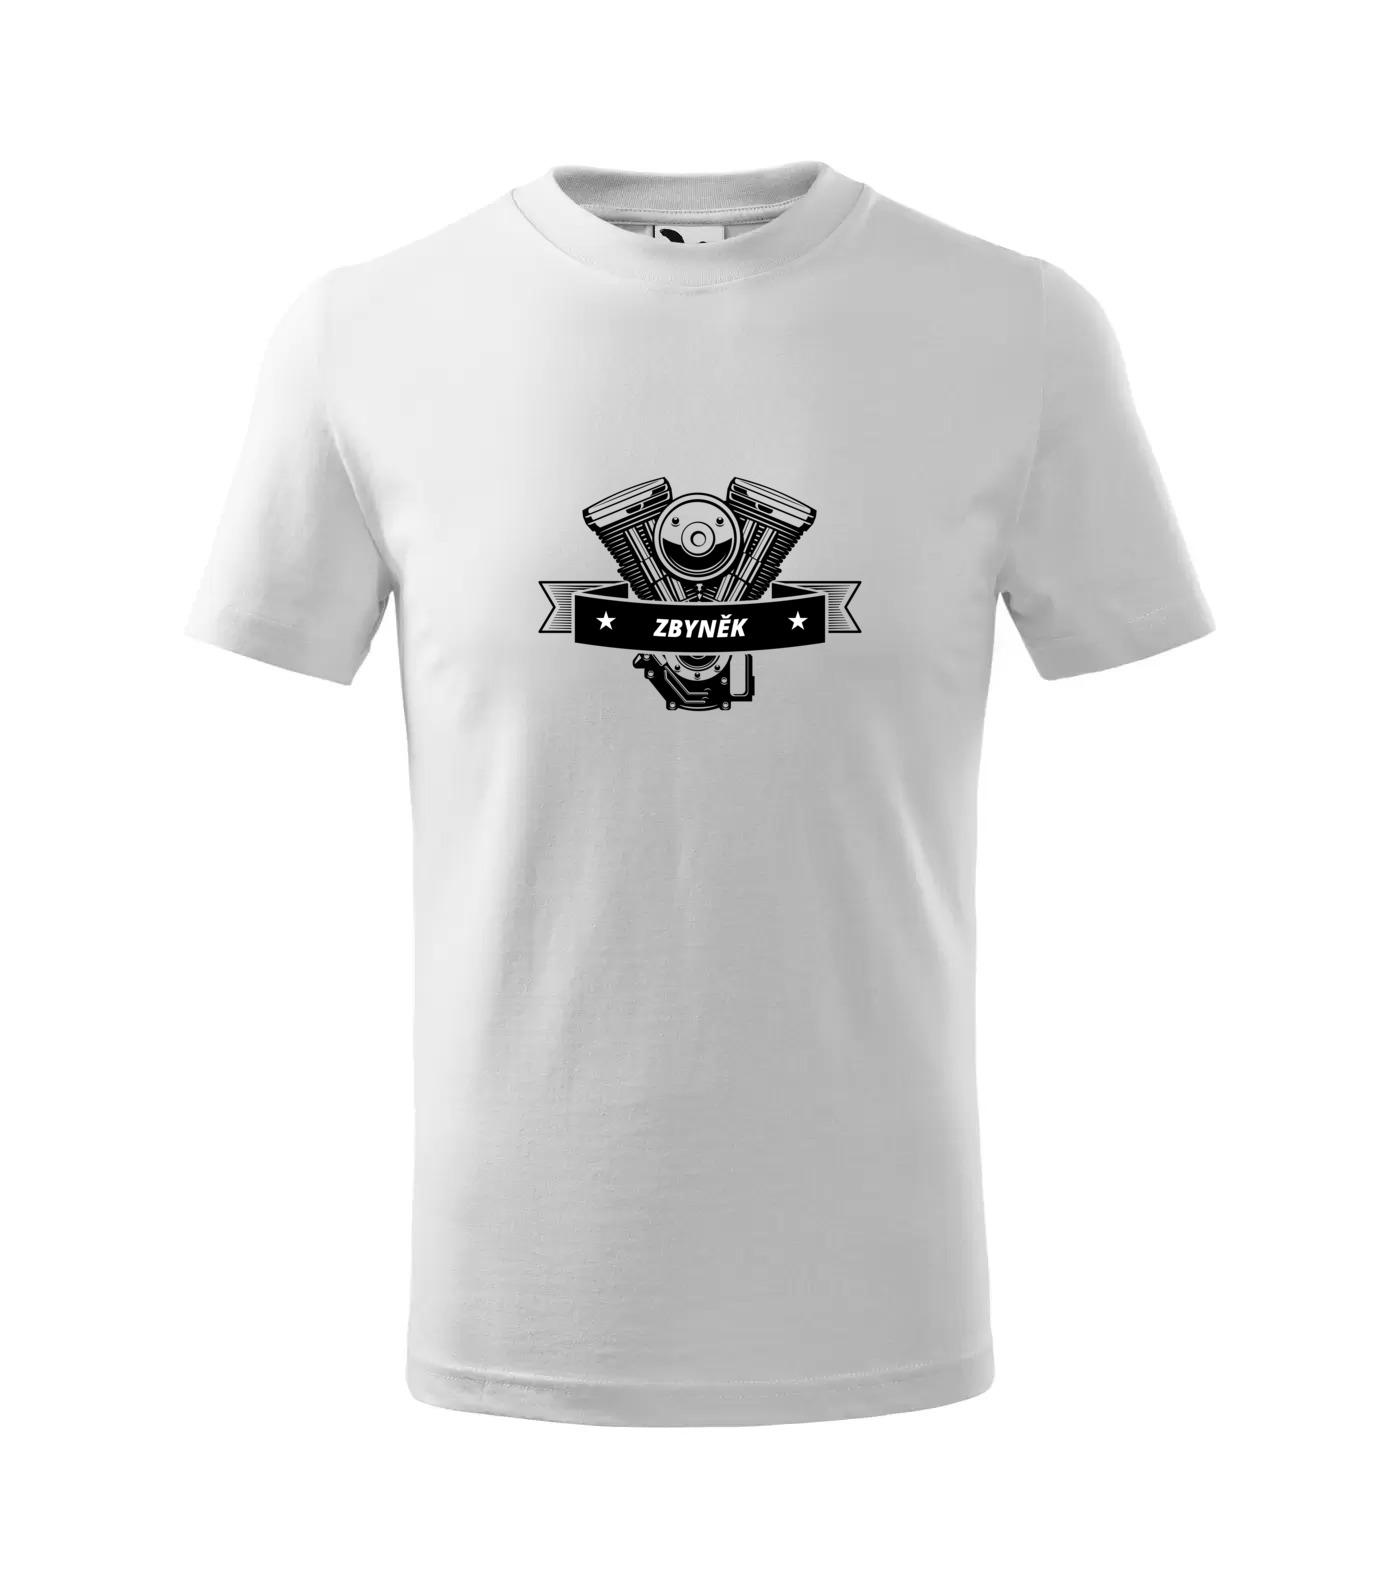 Tričko Motorkář Zbyněk